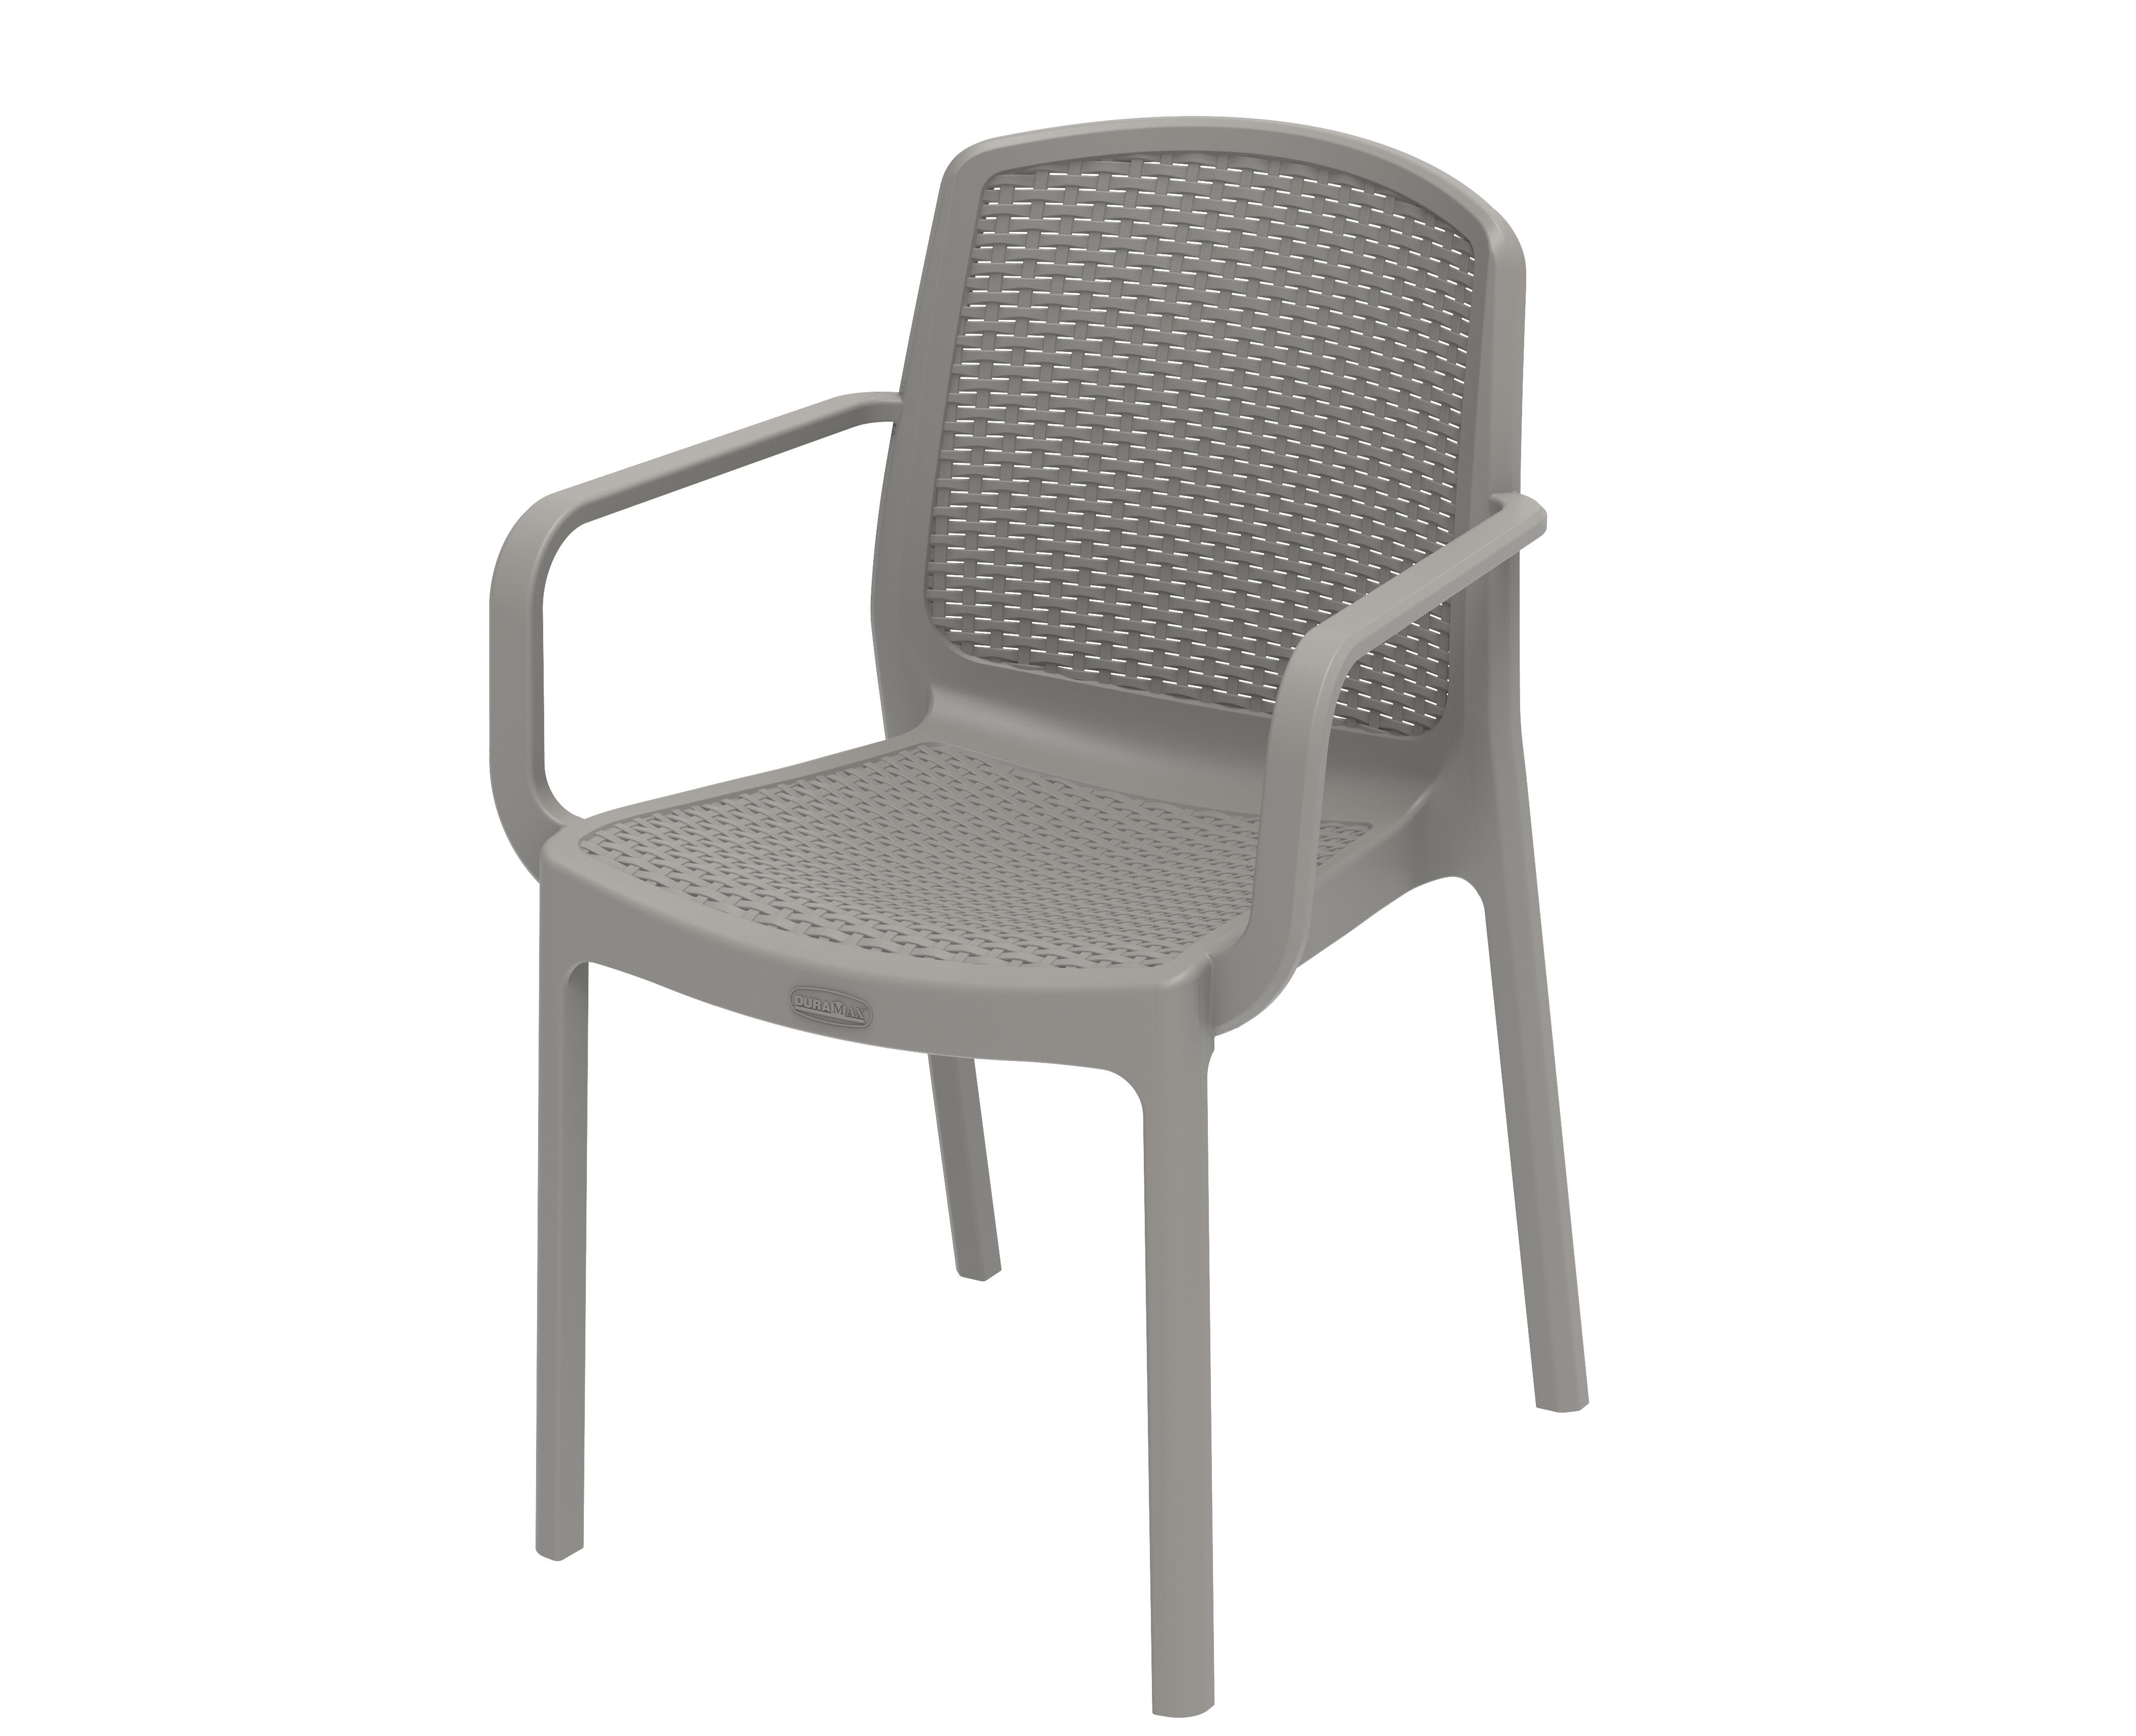 CedarRattan Arm Chair